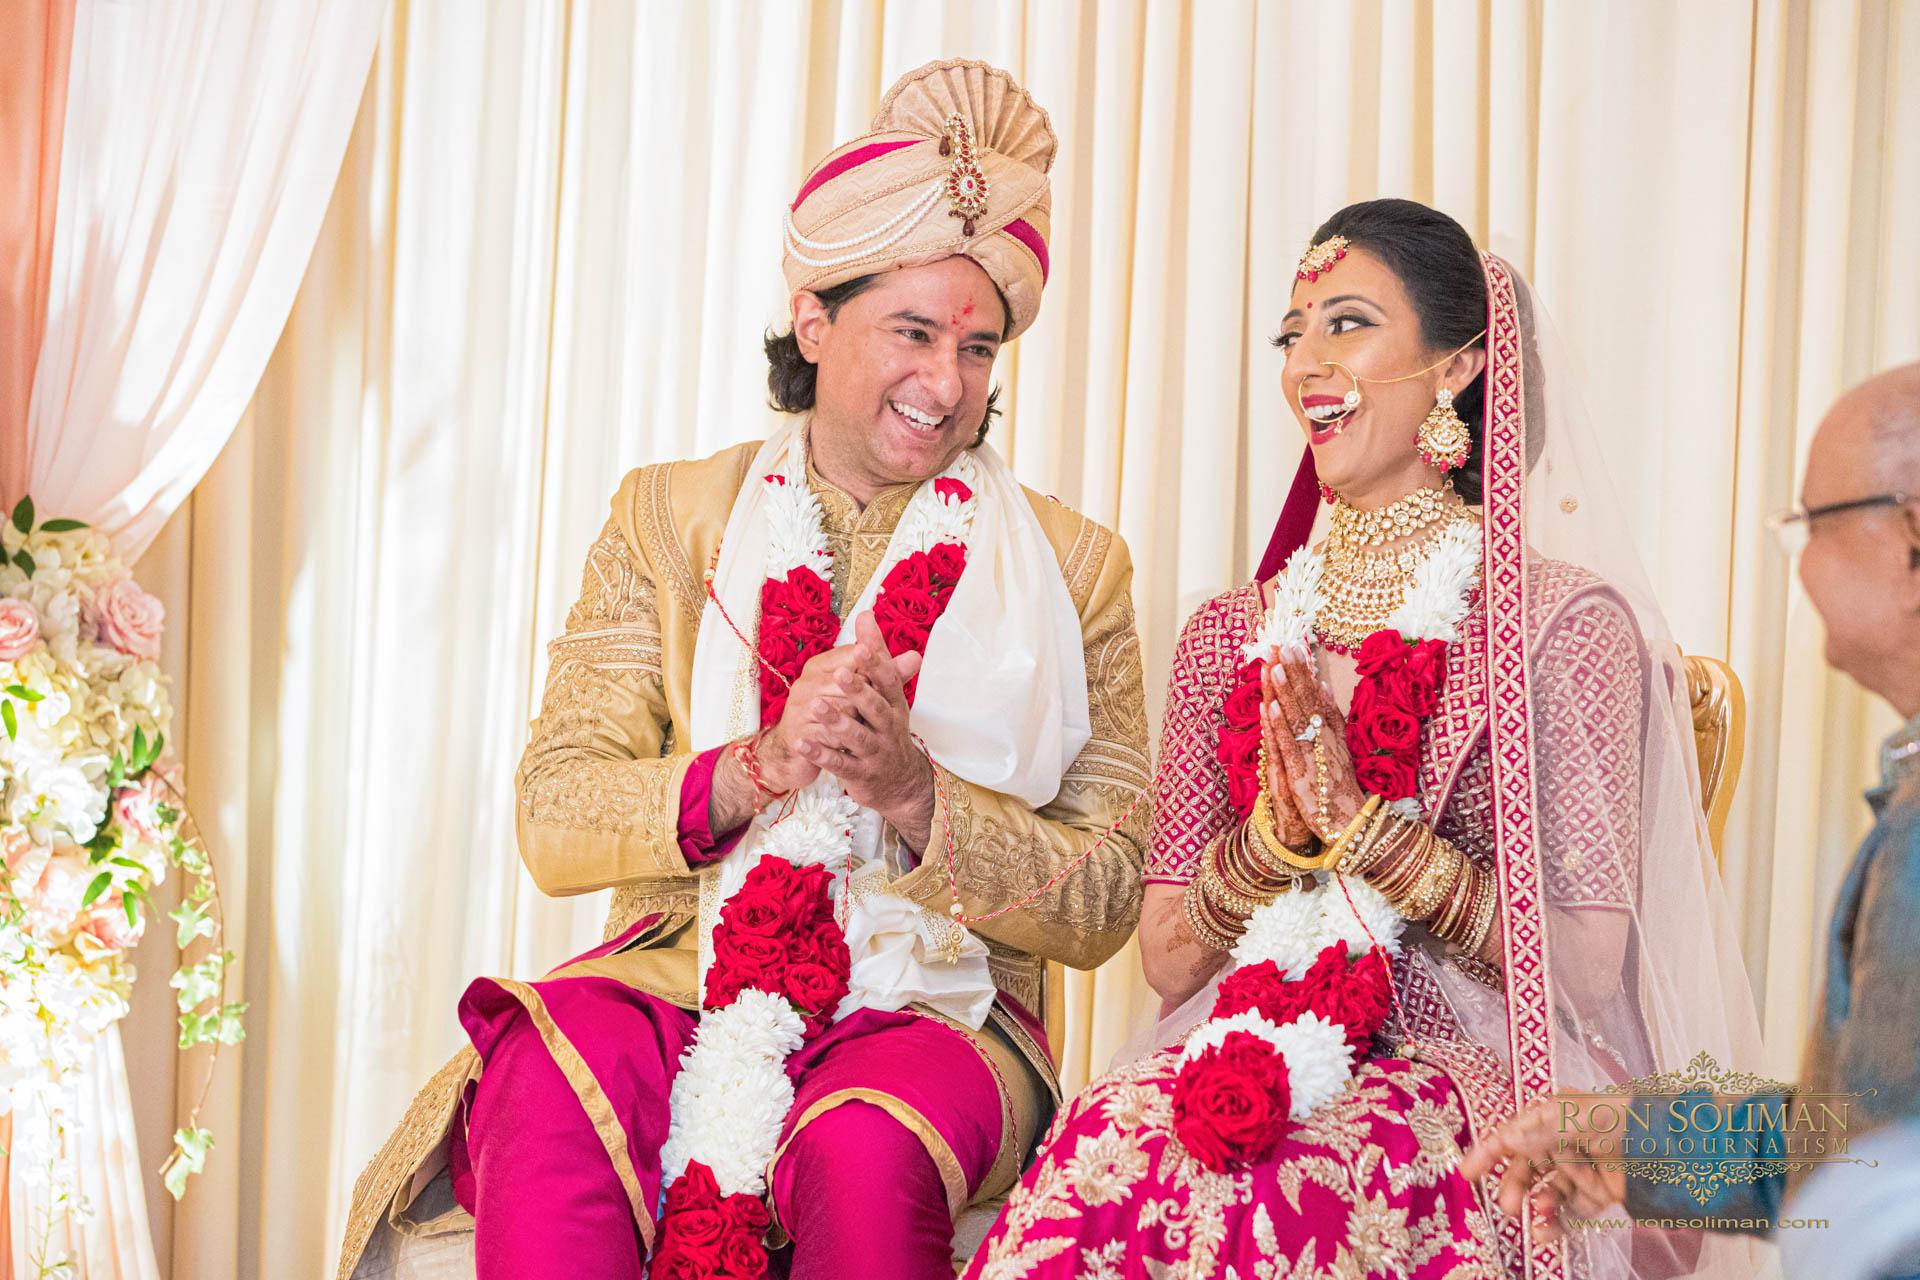 SHERATON MAHWAH INDIAN WEDDING 14